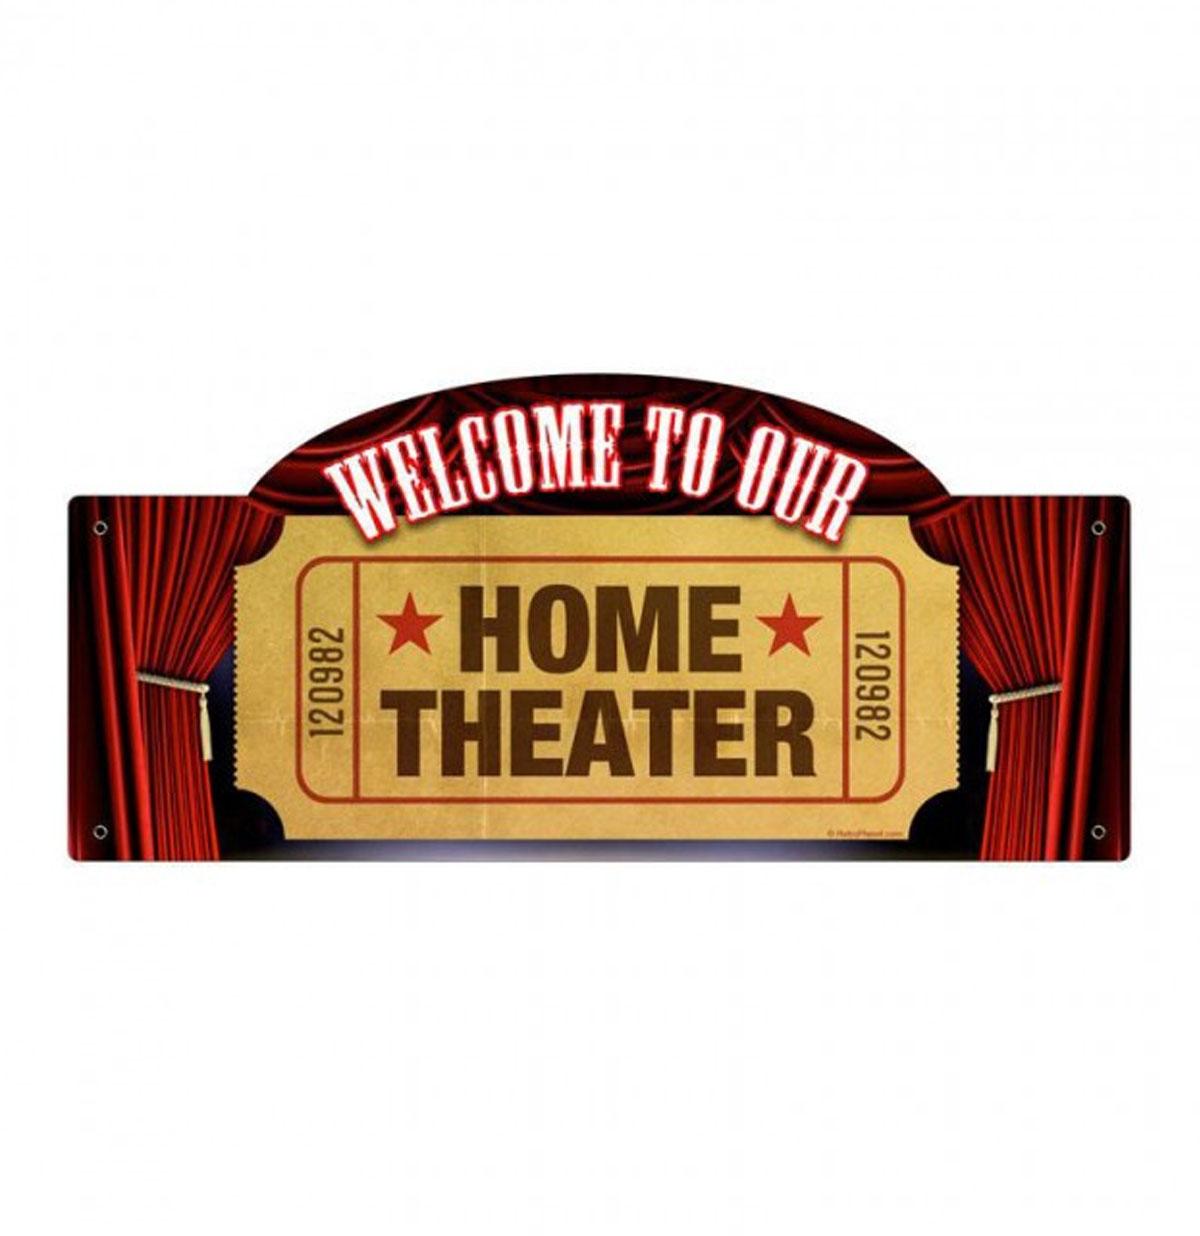 Home Theater Zwaar Metalen Bord 43 x 18 cm